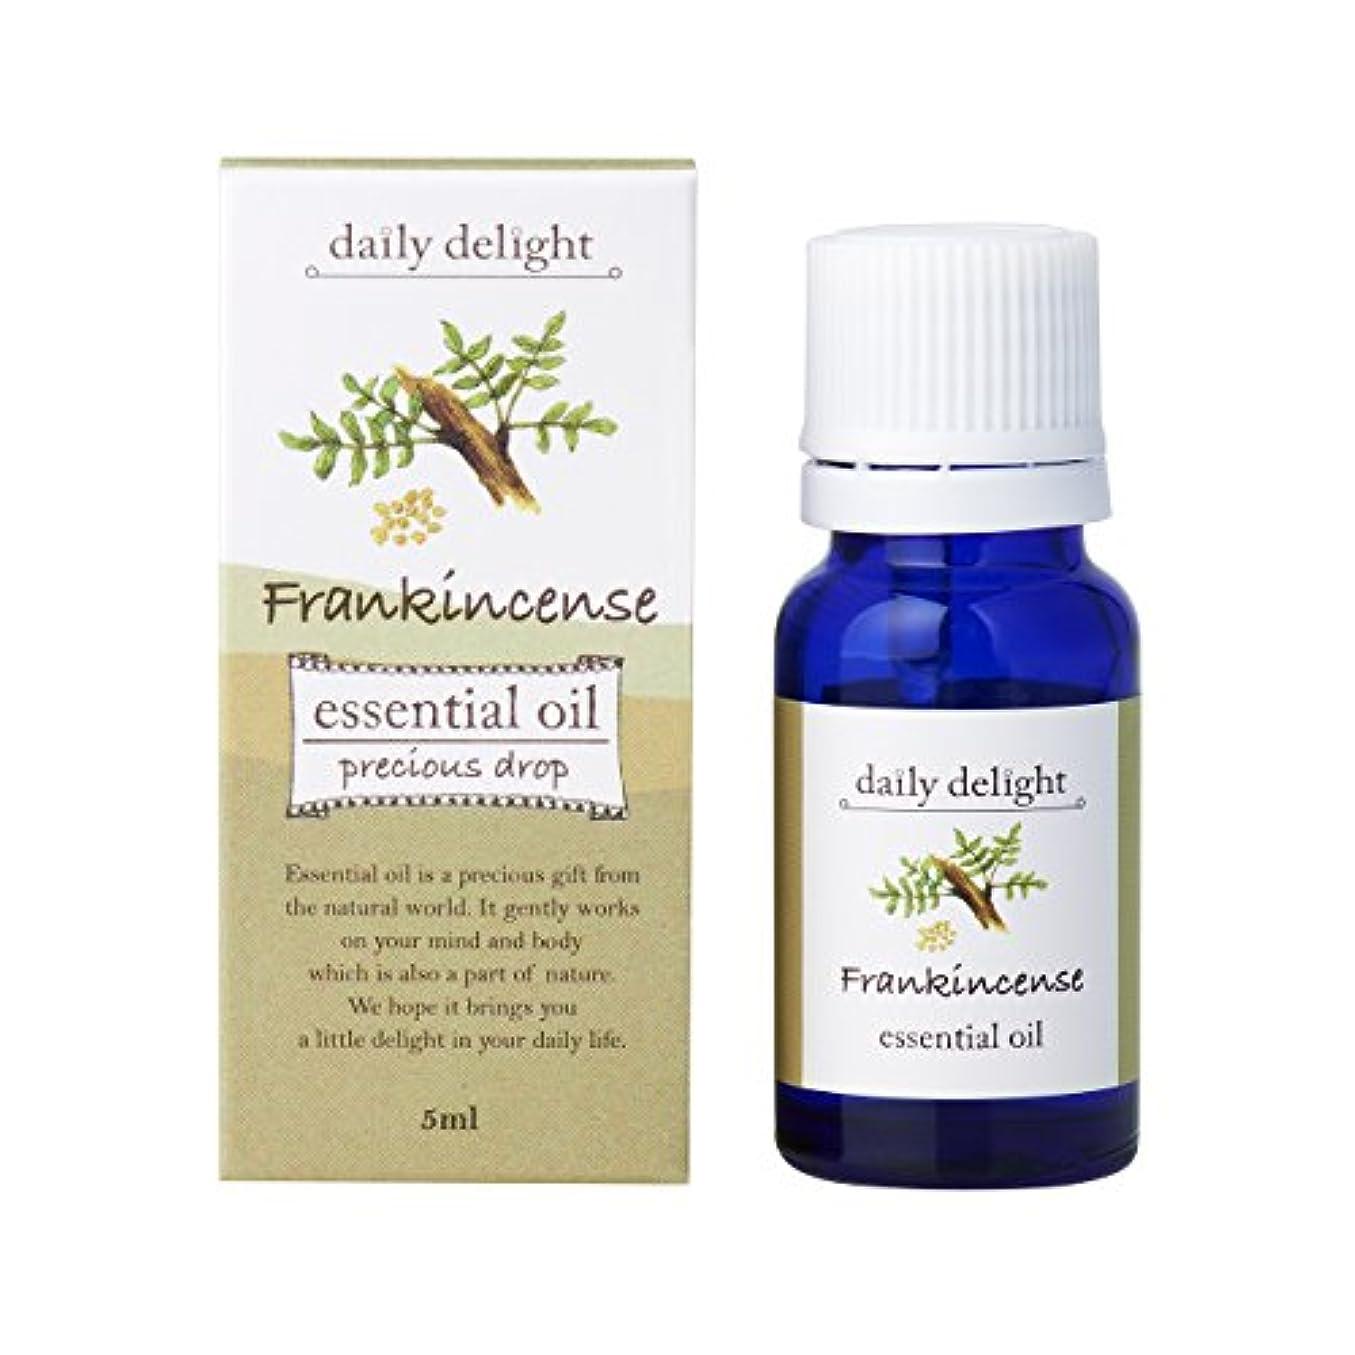 今日クラウドコーデリアデイリーディライト エッセンシャルオイル フランキンセンス 5ml(天然100% 精油 アロマ 樹脂系 樹脂から採れるさわやかな木の香り)